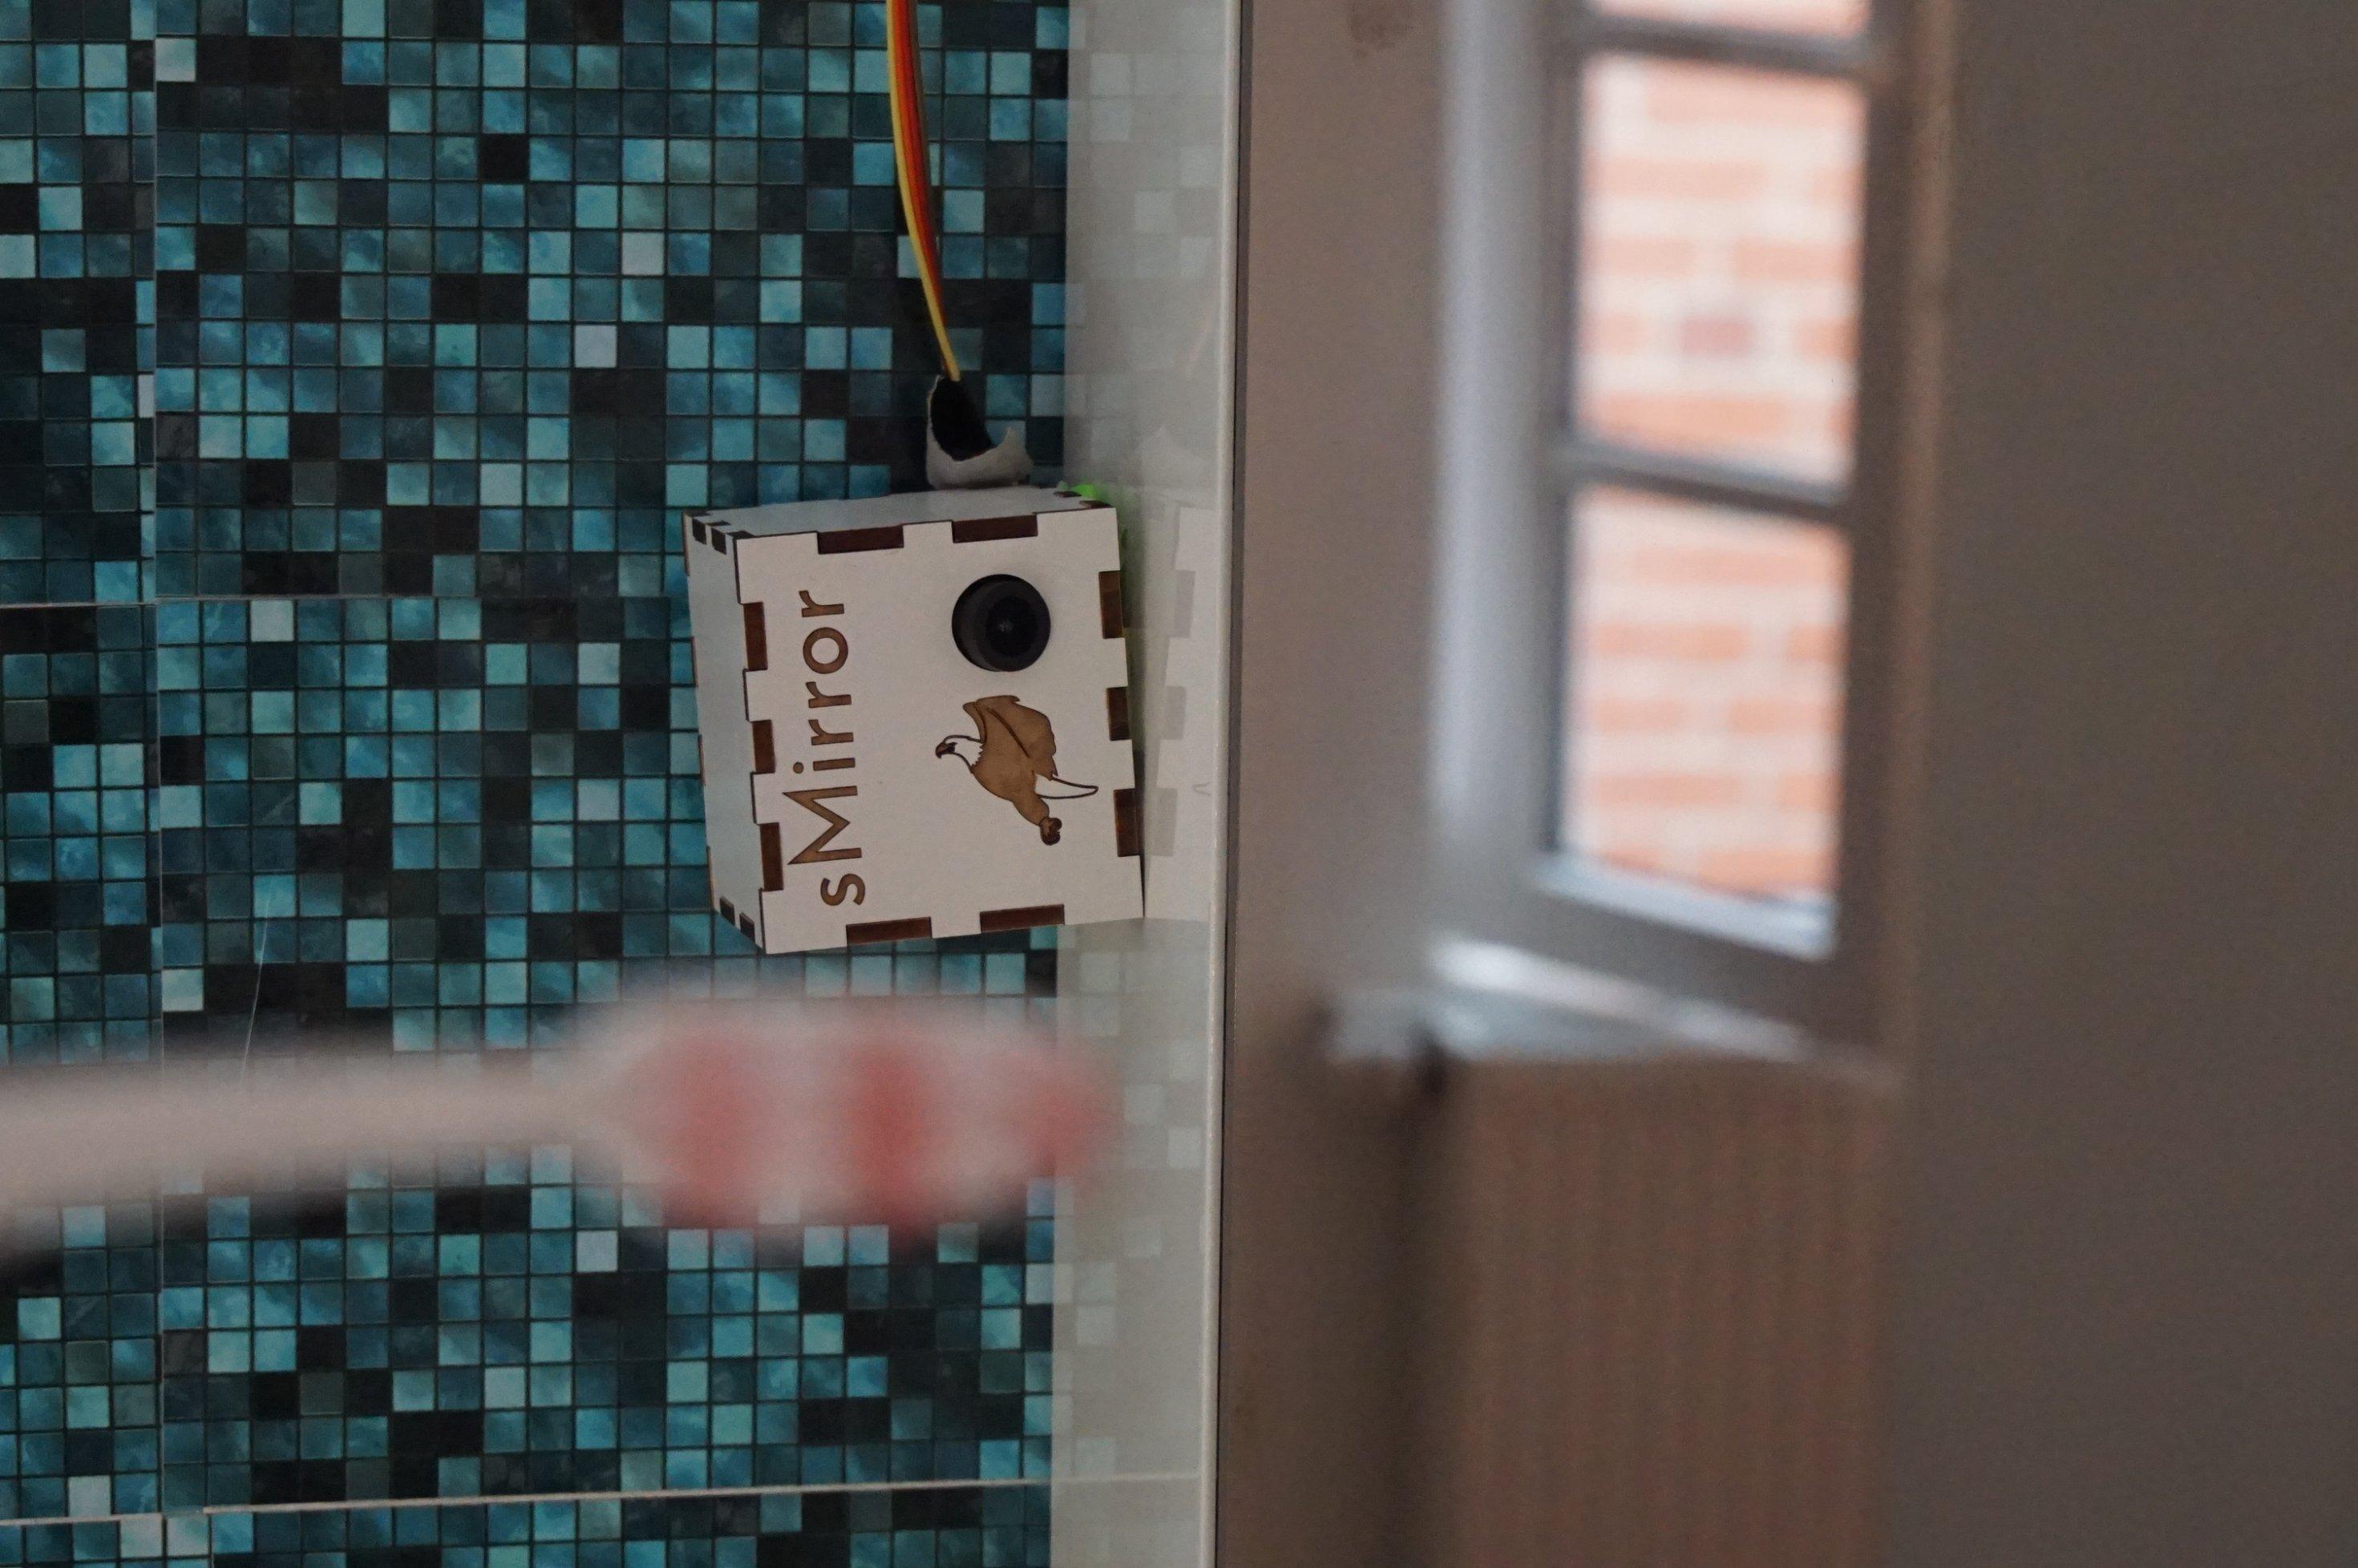 Eine kleine Kamera ist an einem Schrank befestigt.